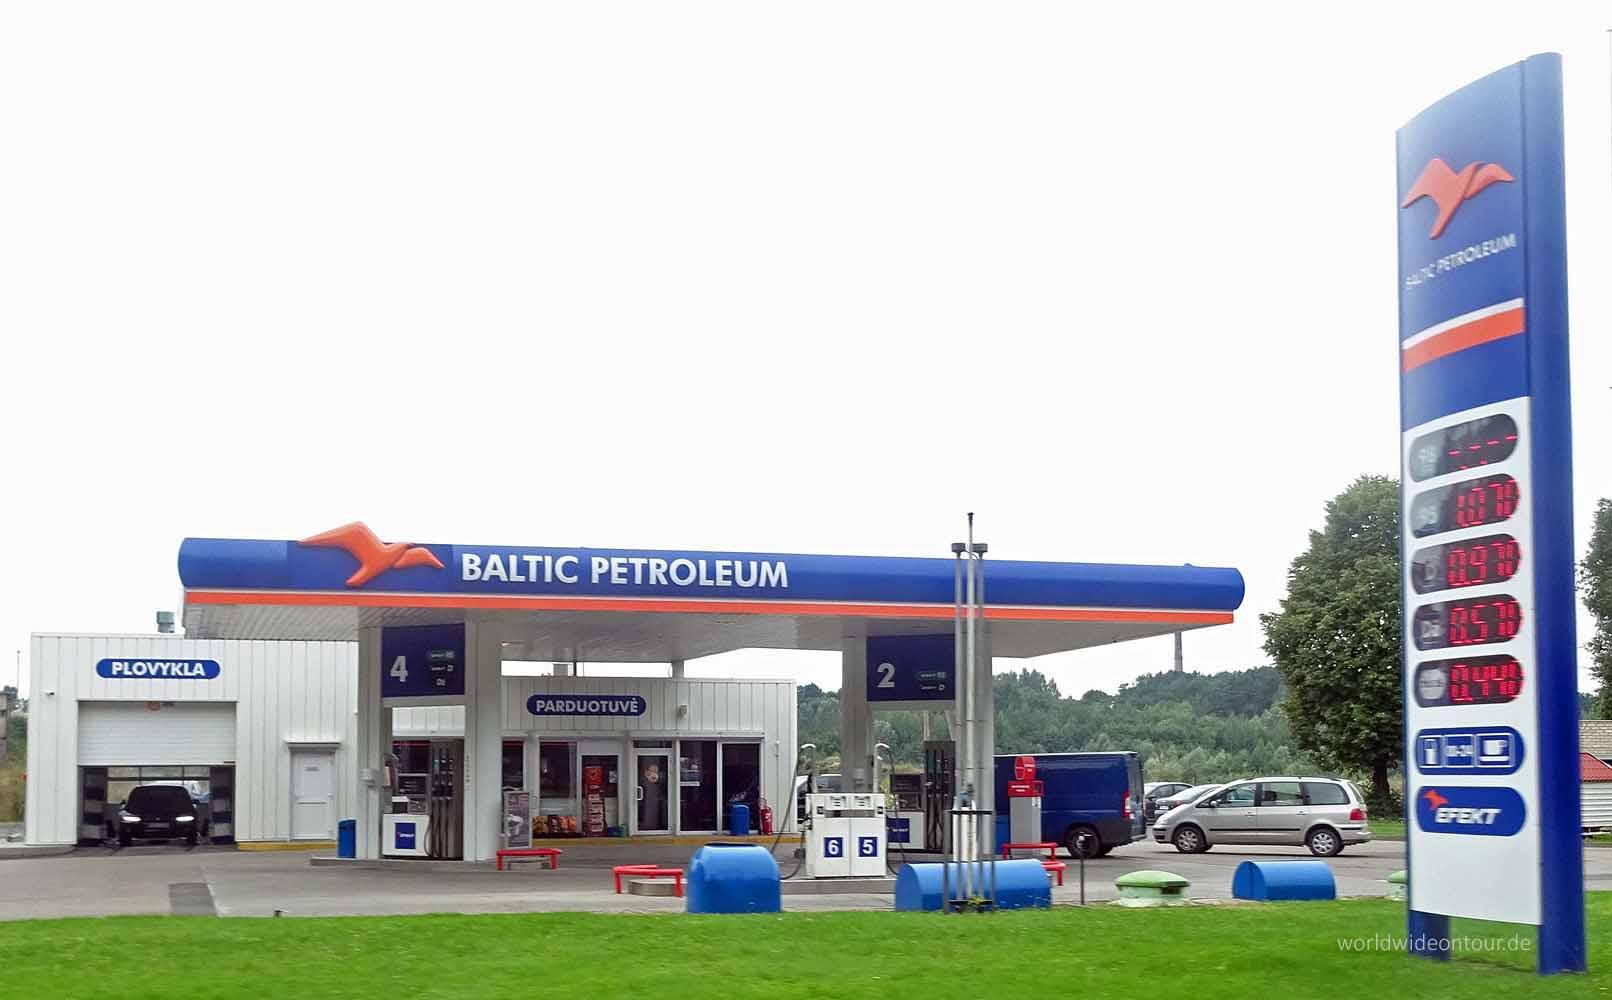 Nur eine Tanke, aber der Name: Baltic Petroleum.